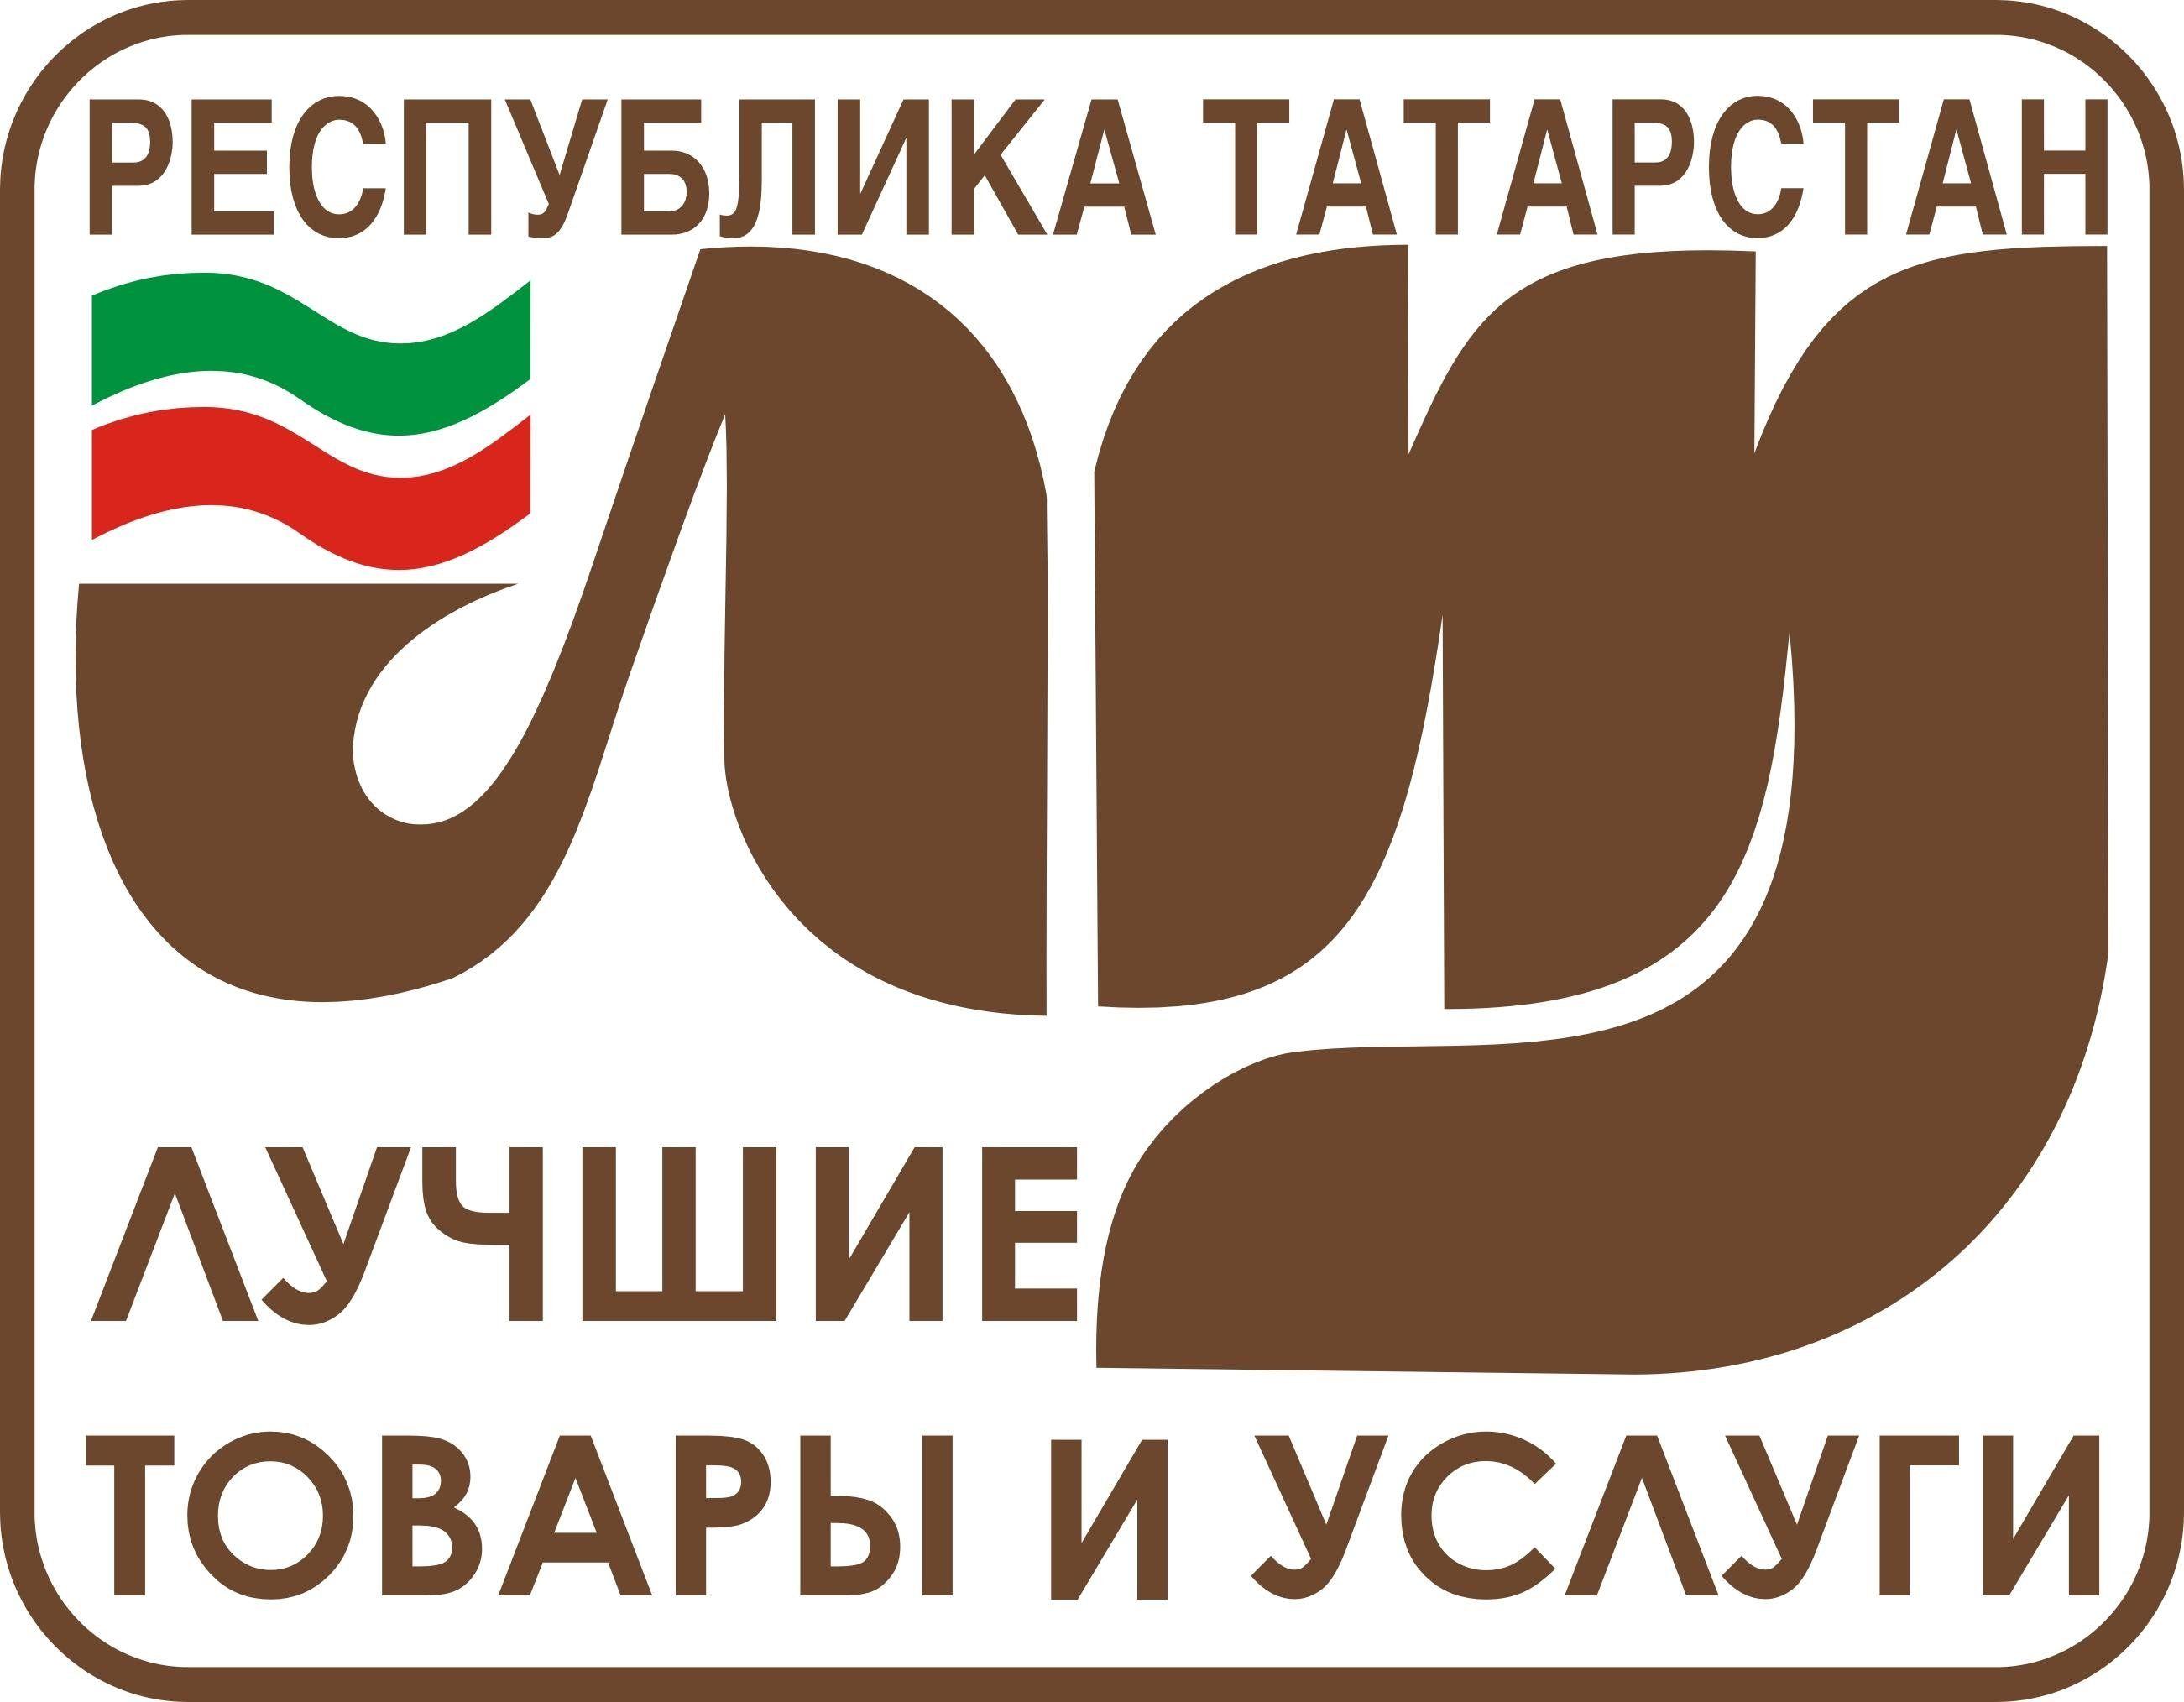 Шины КАМА и Viatti - лауреаты конкурса «Лучшие товары Республики Татарстан»